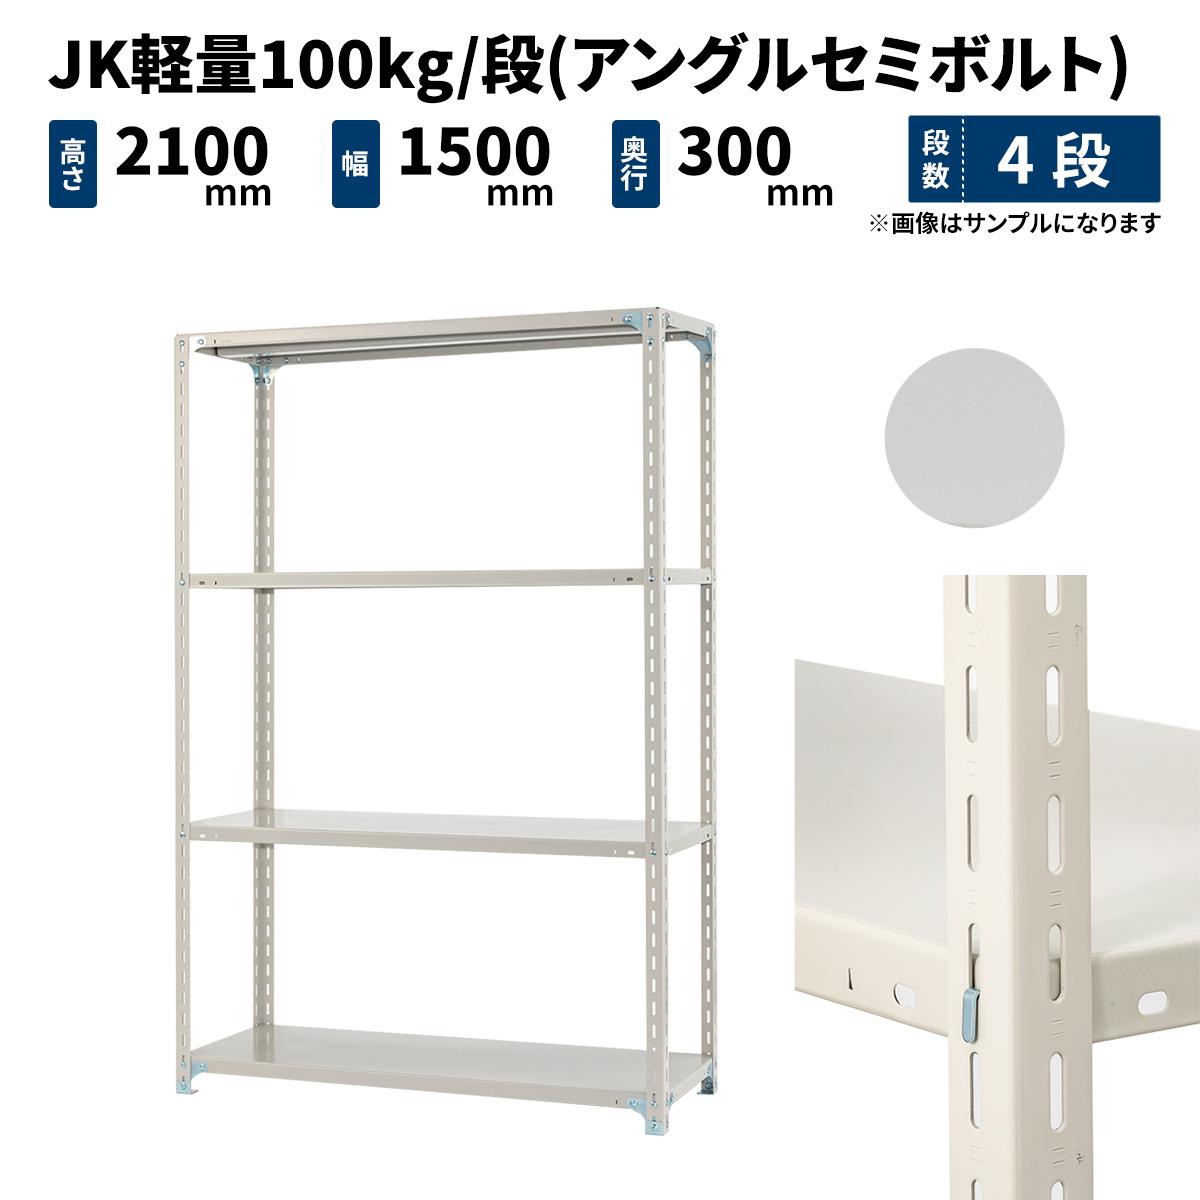 スチールラック 業務用 JK軽量100kg/段(アングルセミボルト) 高さ2100×幅1500×奥行300mm 4段 ホワイトグレー (35kg) JK100ST-211503-4